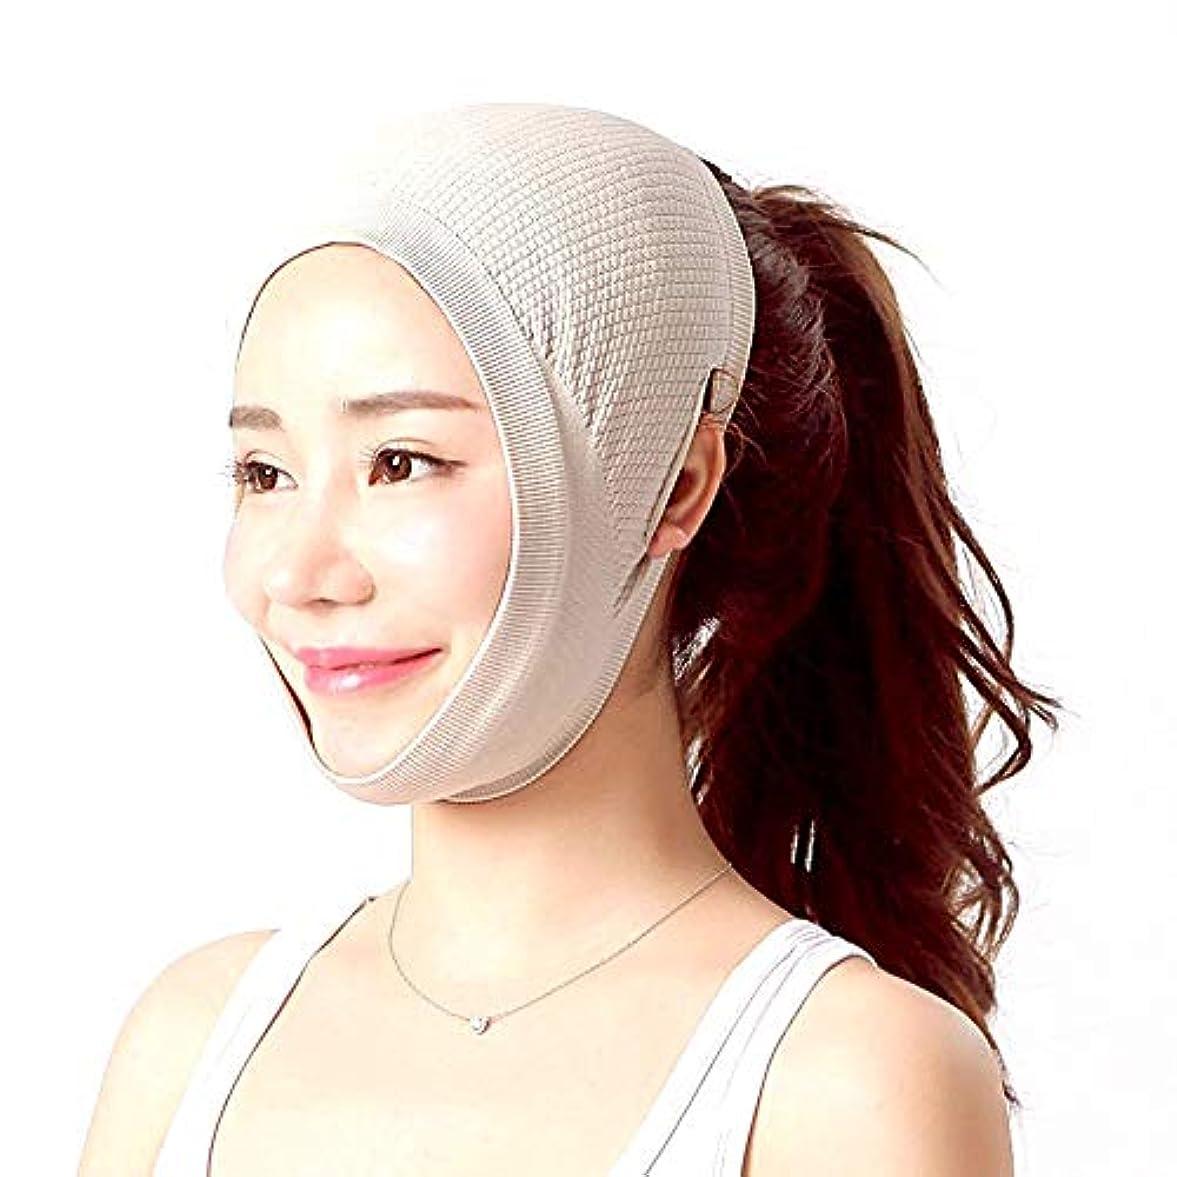 ホップに変わる狂人Jia Jia- フェイスリフティングアーティファクト包帯ライン術後回復包帯リフティングフェイスフードVフェイス包帯リフティングVフェイス美容マスク - 肌のトーン 顔面包帯